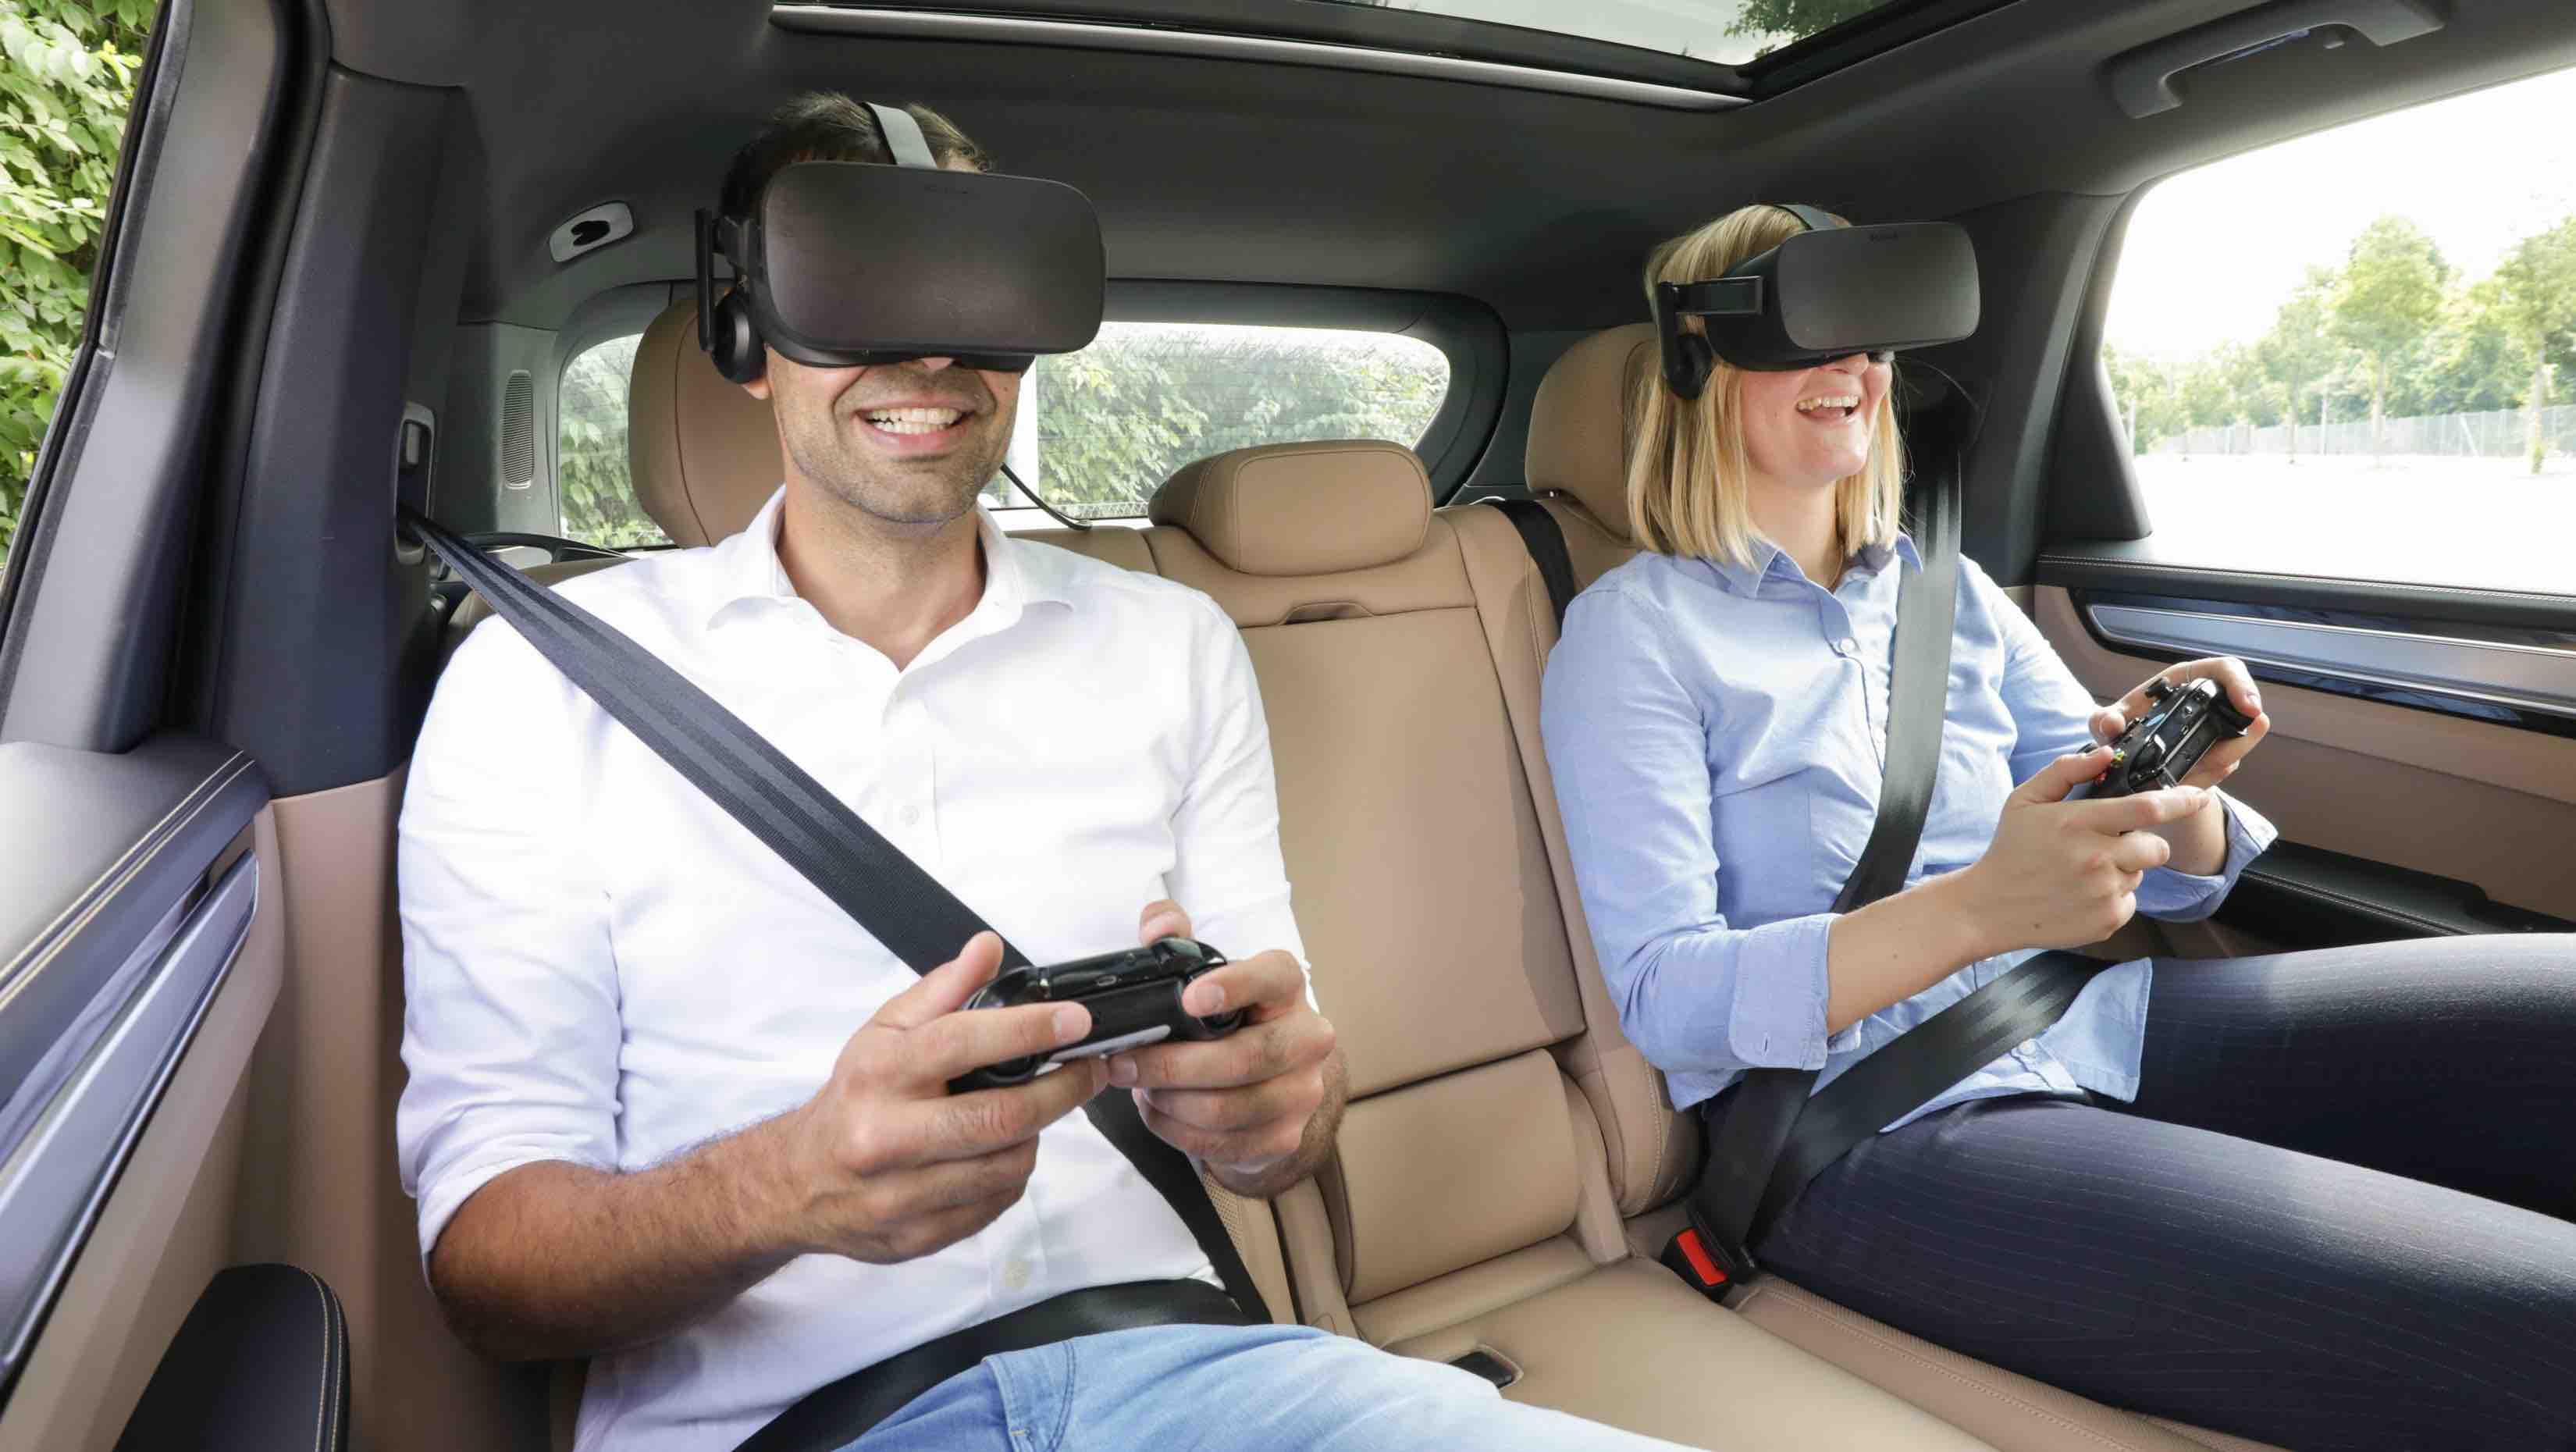 """Porsche """"holoride"""" bietet VR-Unterhaltung für den Rücksitz"""